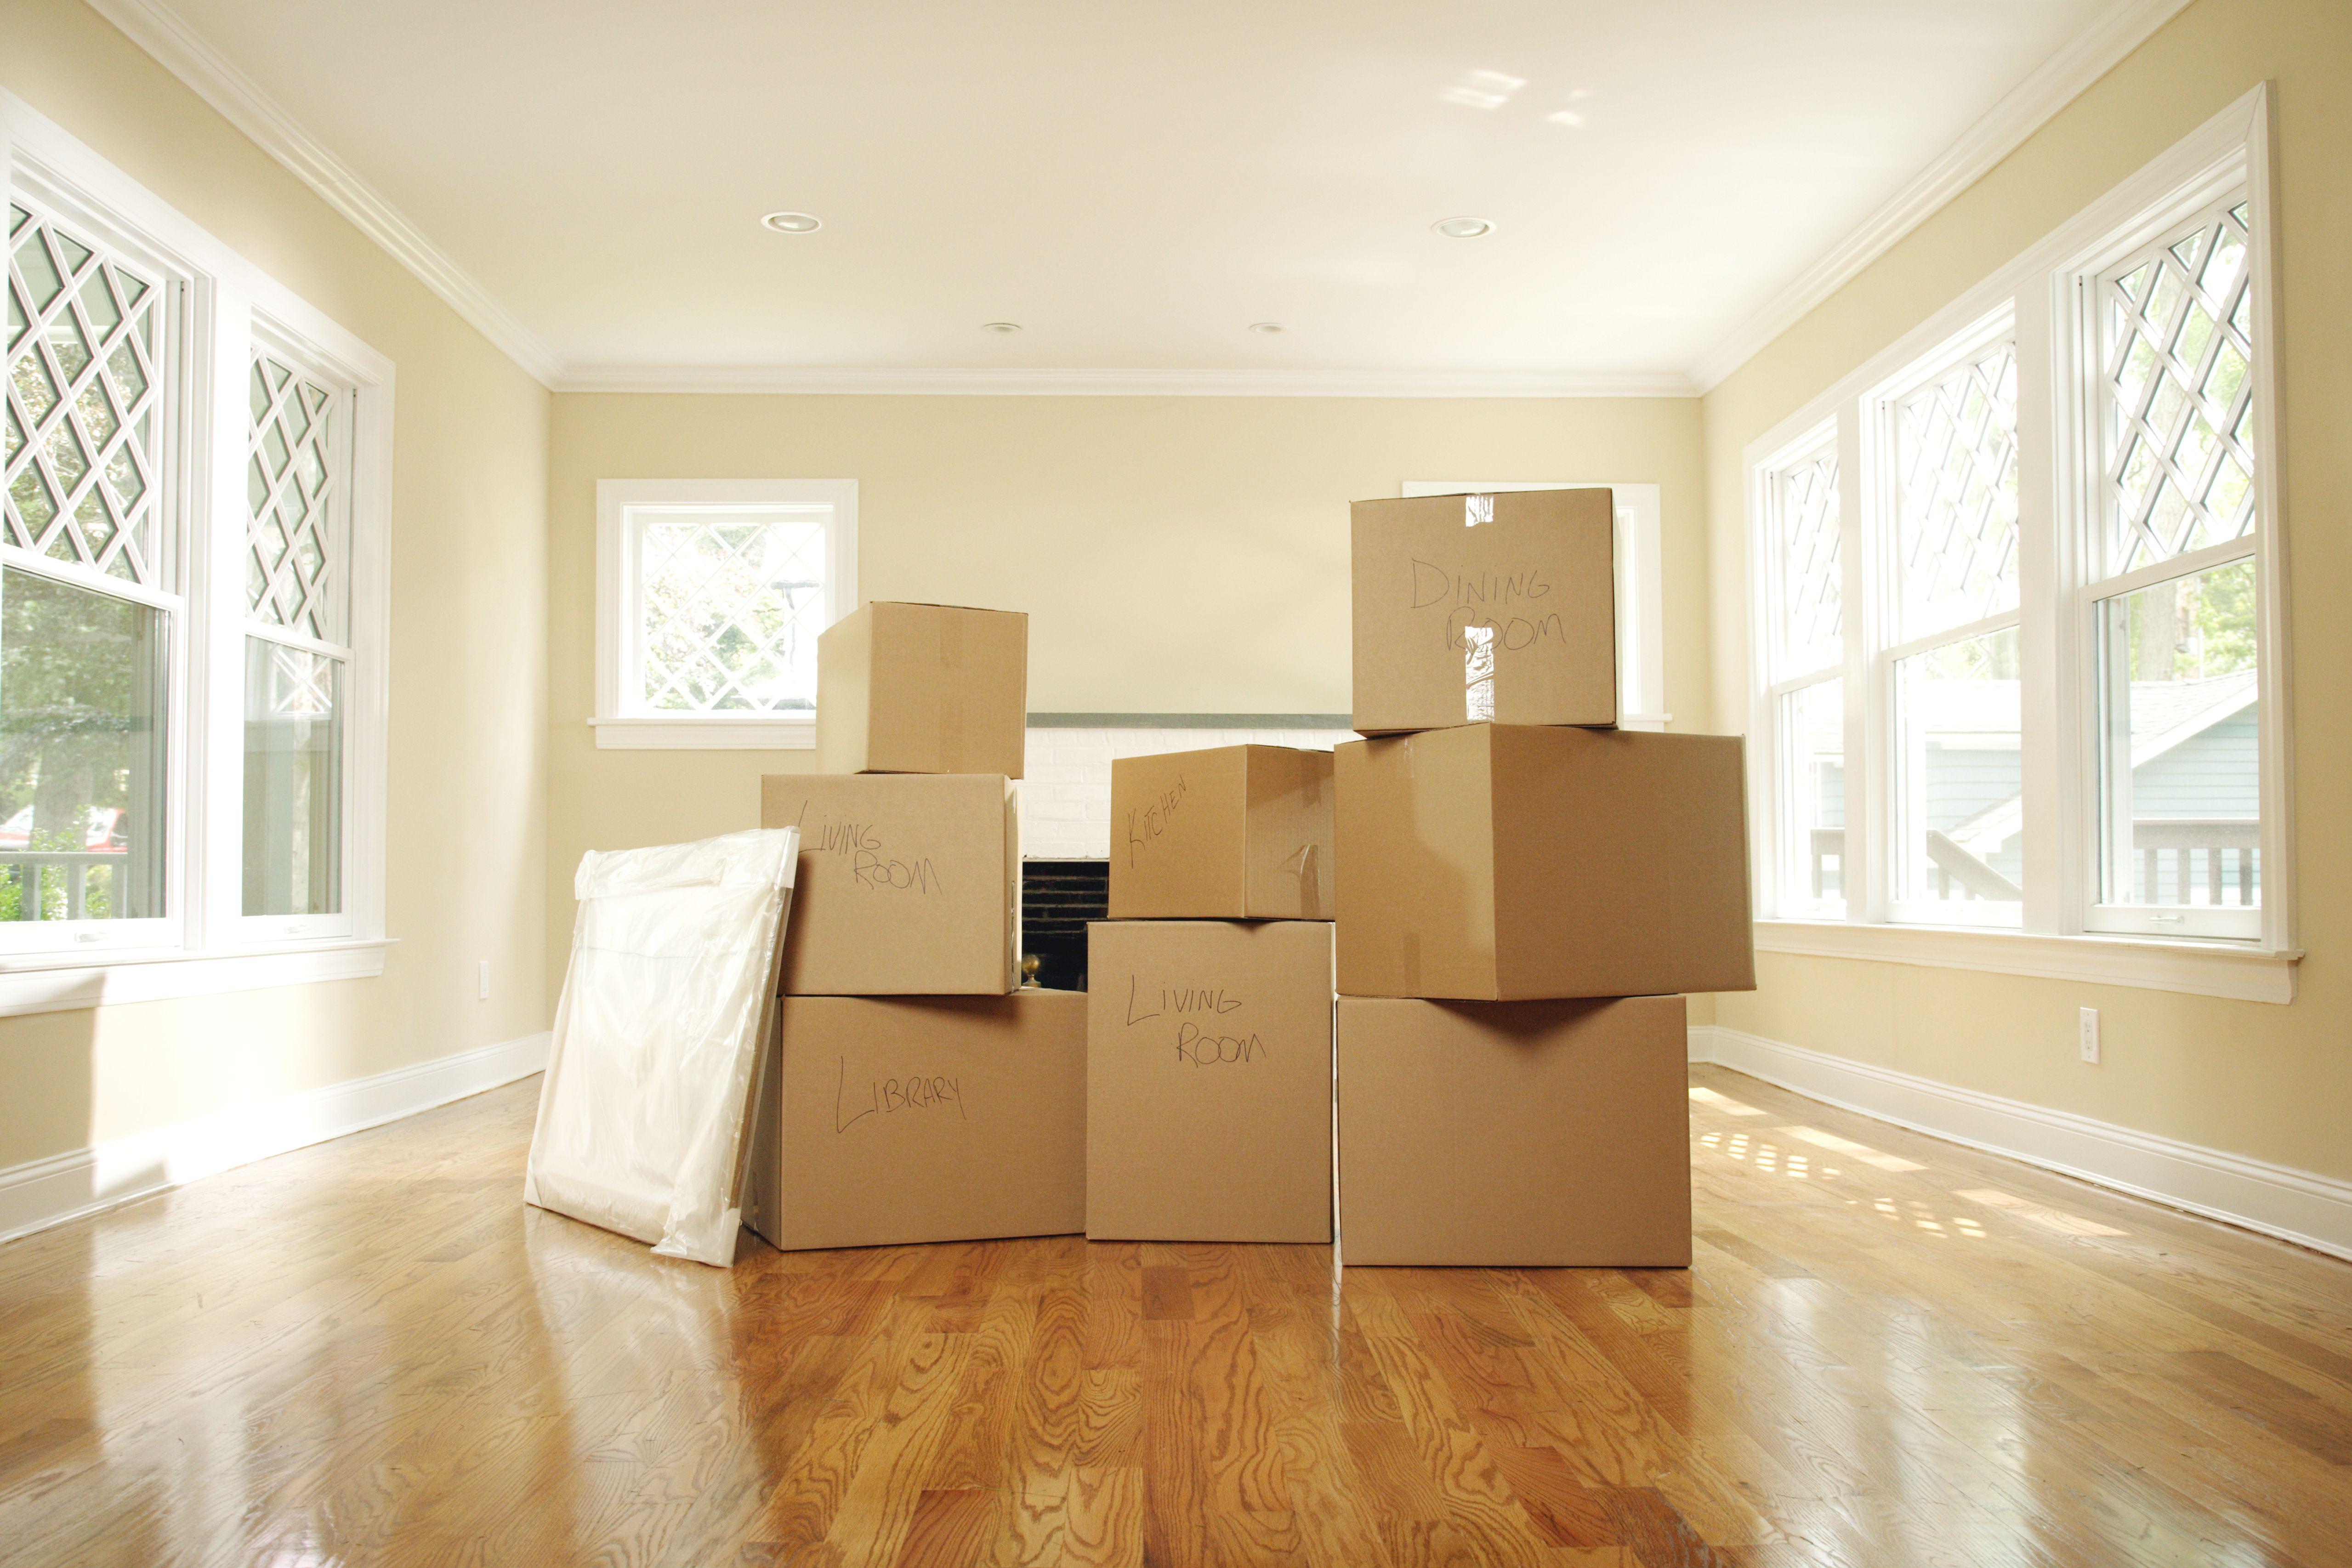 Sala de estar vacía con cajas